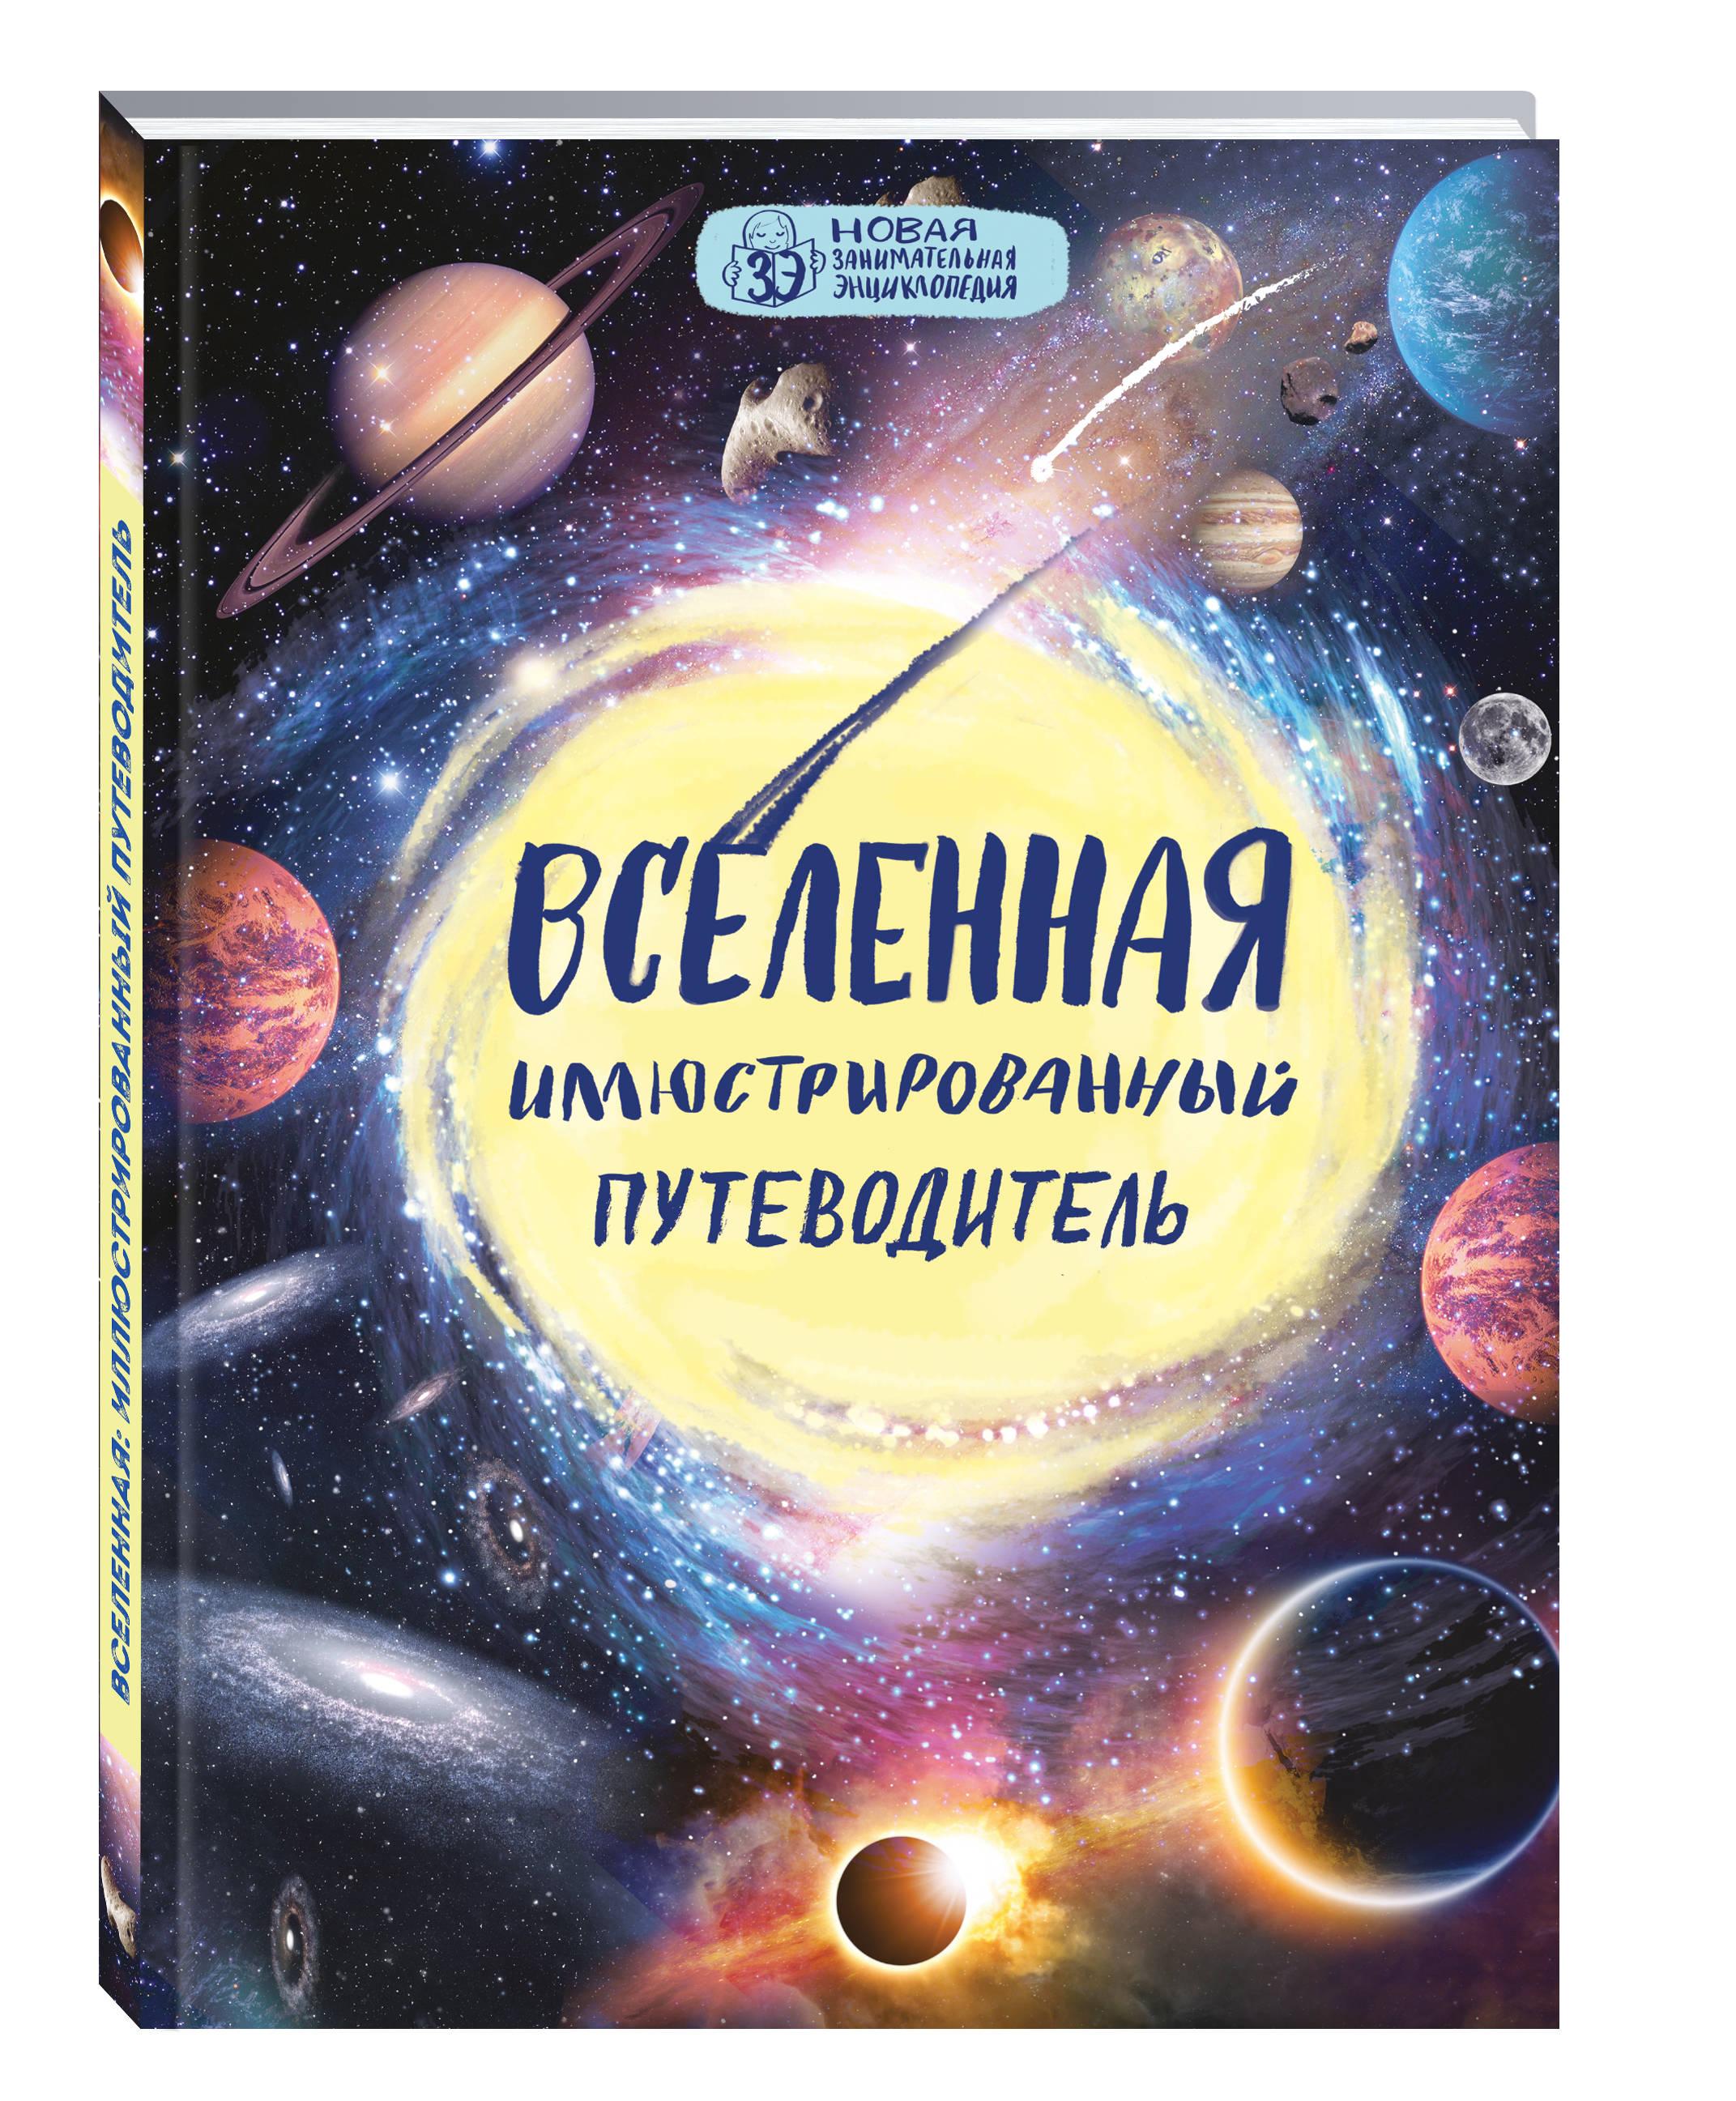 Файг О. Вселенная: иллюстрированный путеводитель